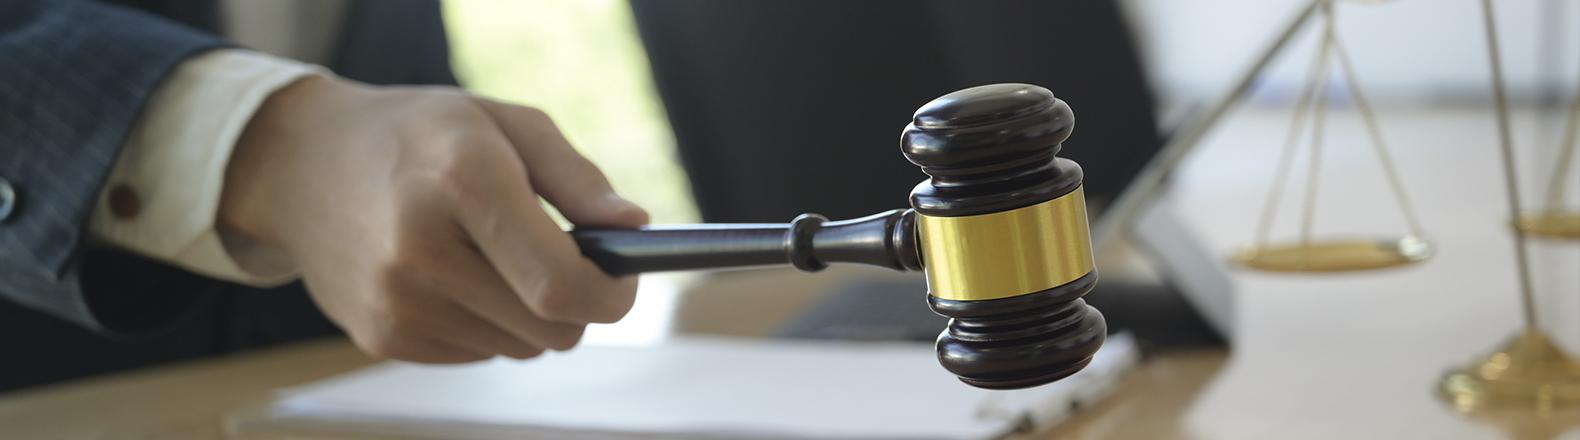 derecho_y_procedimiento_administrativo